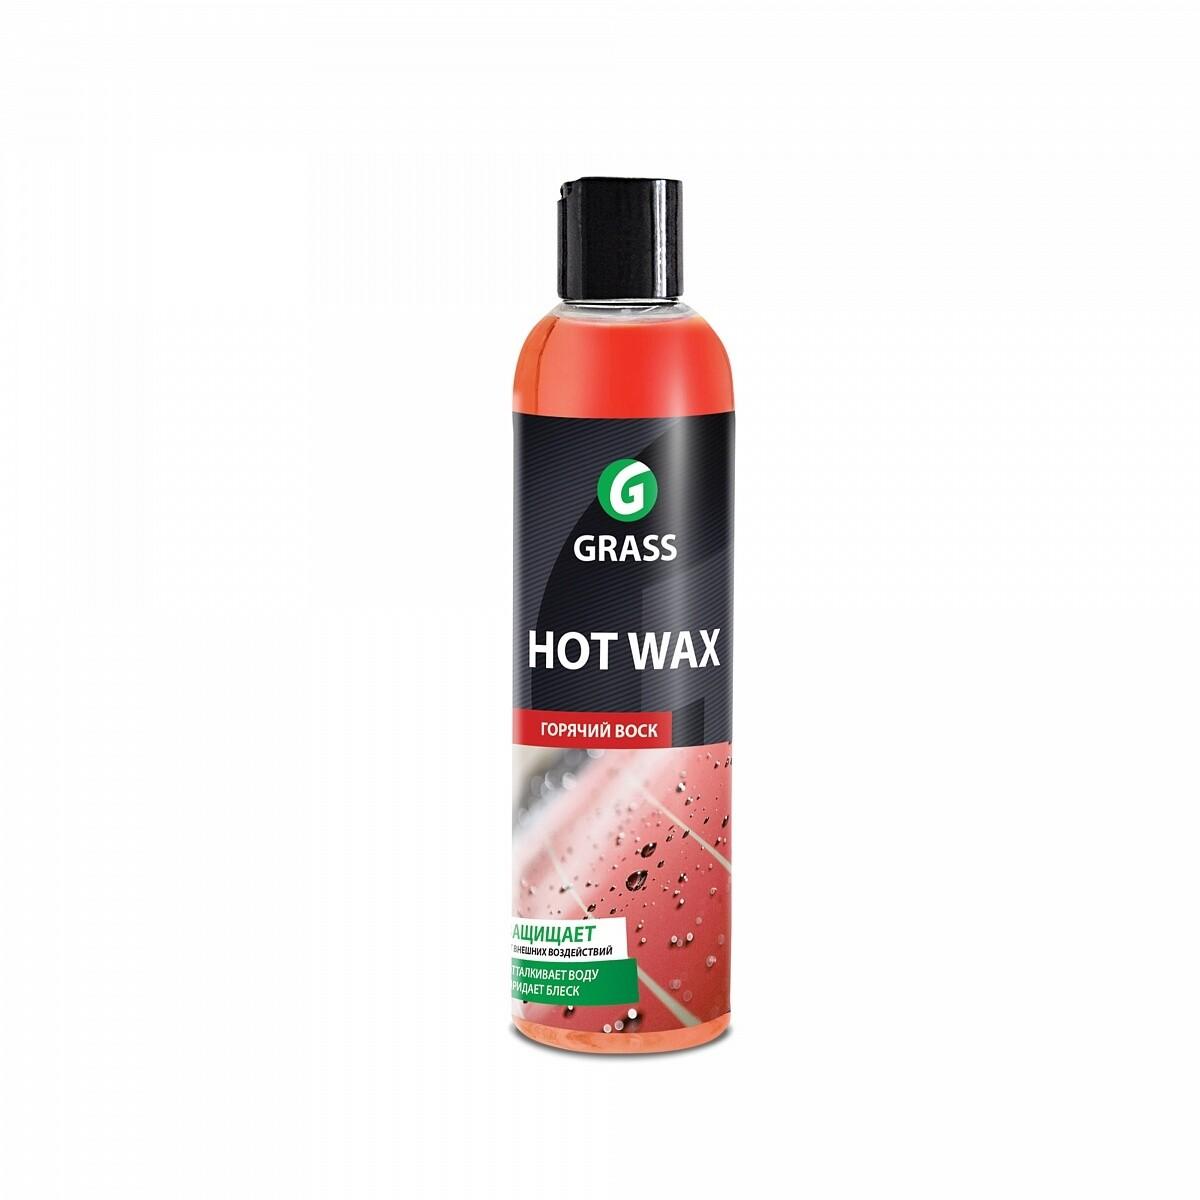 """Горячий воск """"Hot wax"""", 250 мл"""